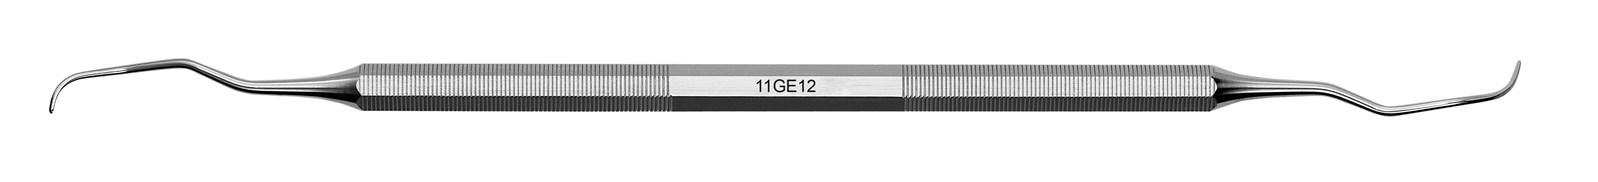 Kyreta Gracey Classic - 11GE12, ADEP silikonový návlek šedý